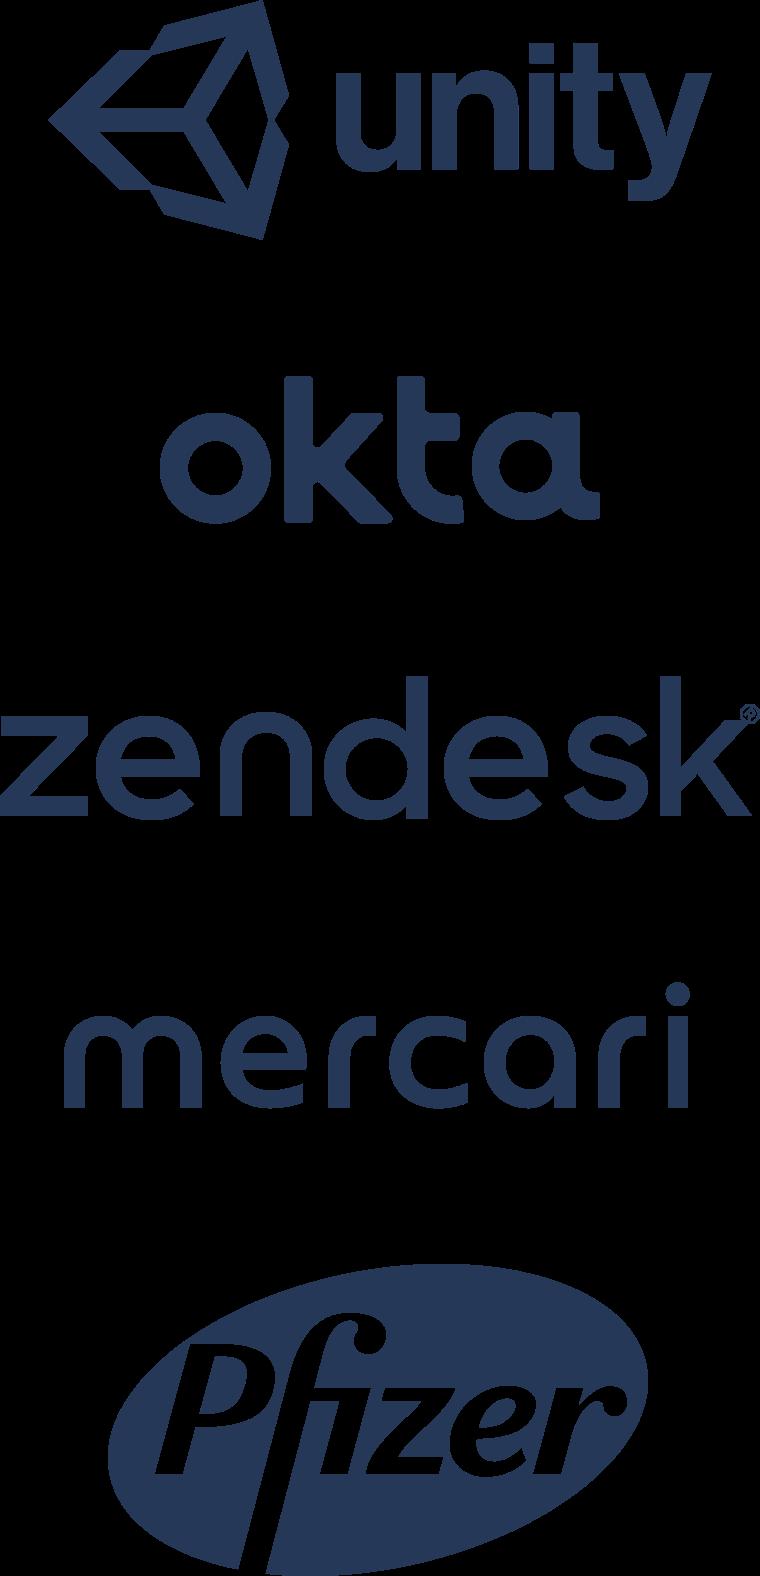 Logo's Unity, Okta, Zendesk, Mercari, Pfizer